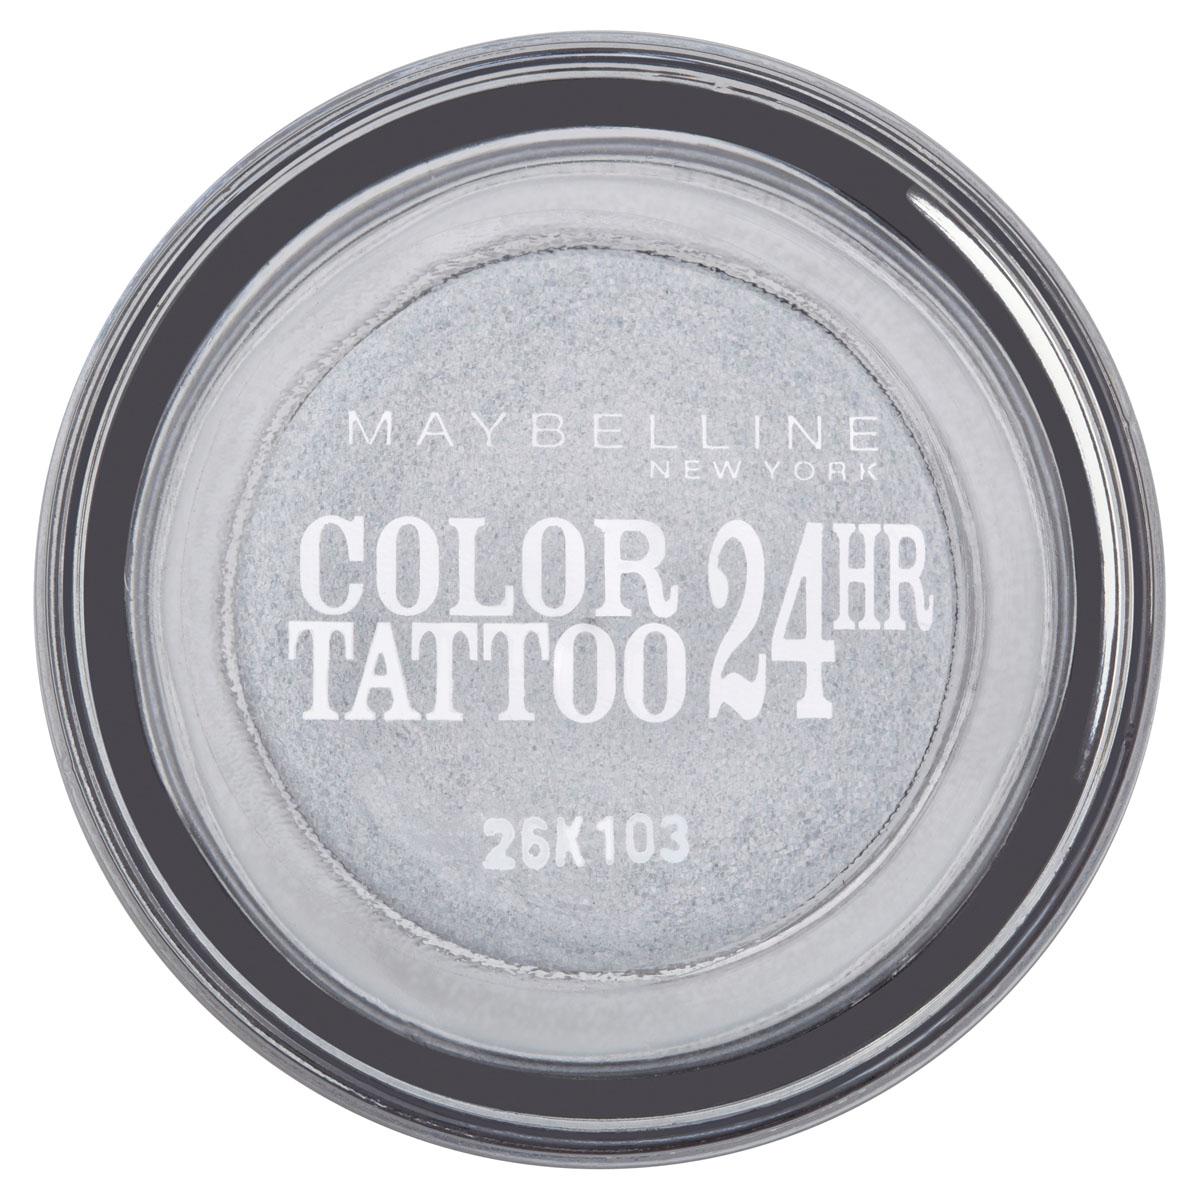 Maybelline New York Тени для век Color Tattoo 24 часа, оттенок 50, Неизменное серебро, 4 млB1949900Технология тату-пигментов создает яркий, супернасыщенный цвет. Крем-гелевая текстура обеспечивает ультралегкое нанесение и стойкость на 24 часа. 12 оттенков